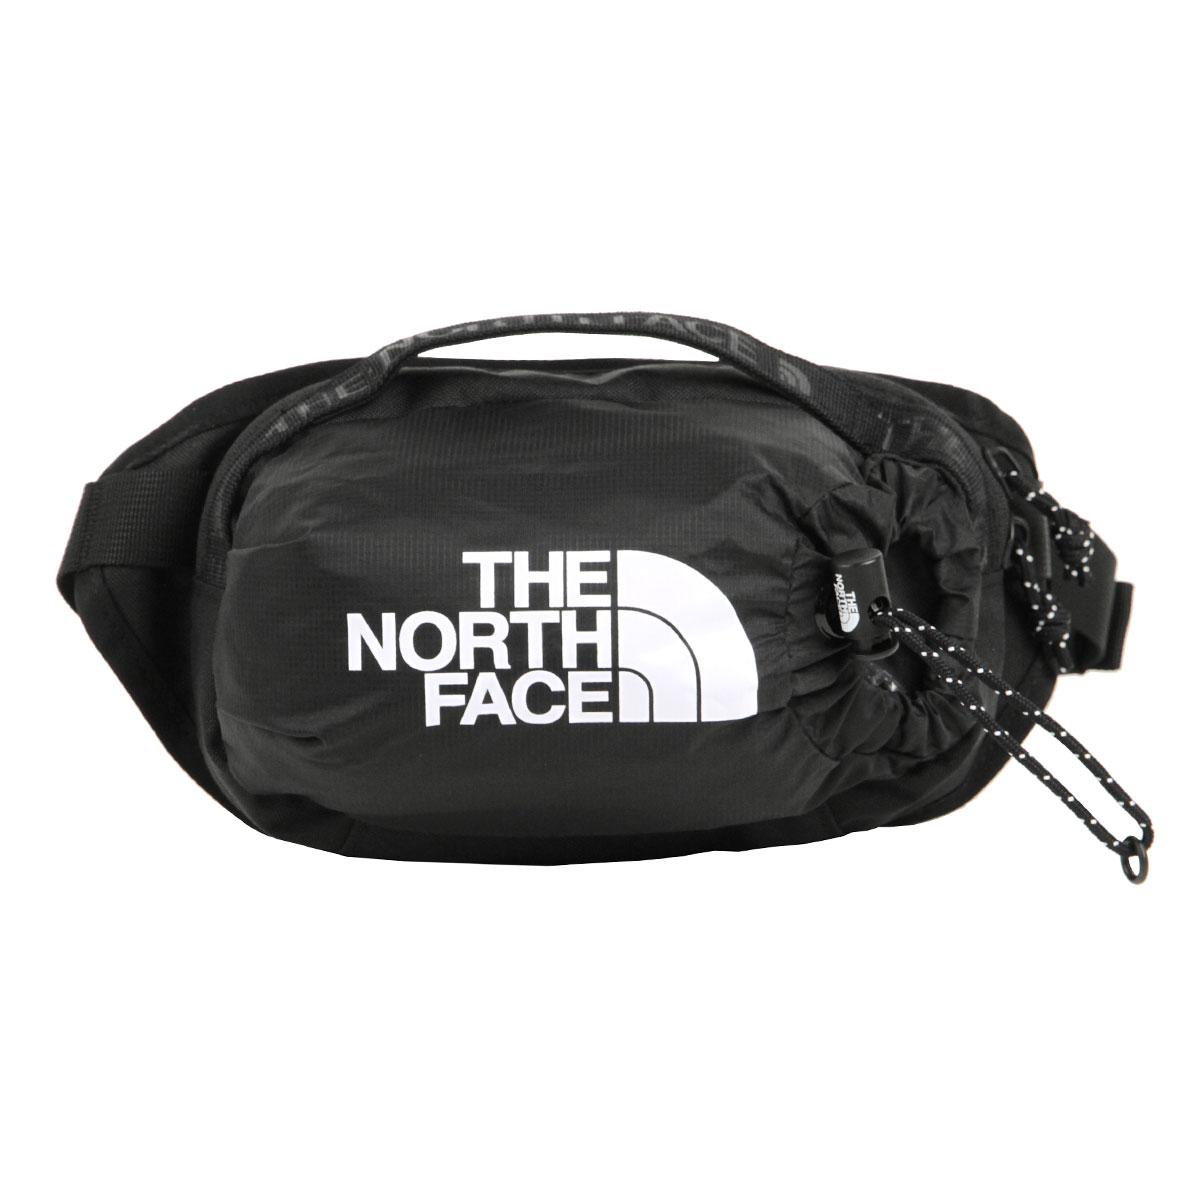 ノースフェイス バッグ メンズ レディース 正規品 THE NORTH FACE ボザーヒップパック3 ボディーバッグ BOZER HIP PACK III - S NF0A52RX TNF BLACK A14B B3C C8D D4E E13F